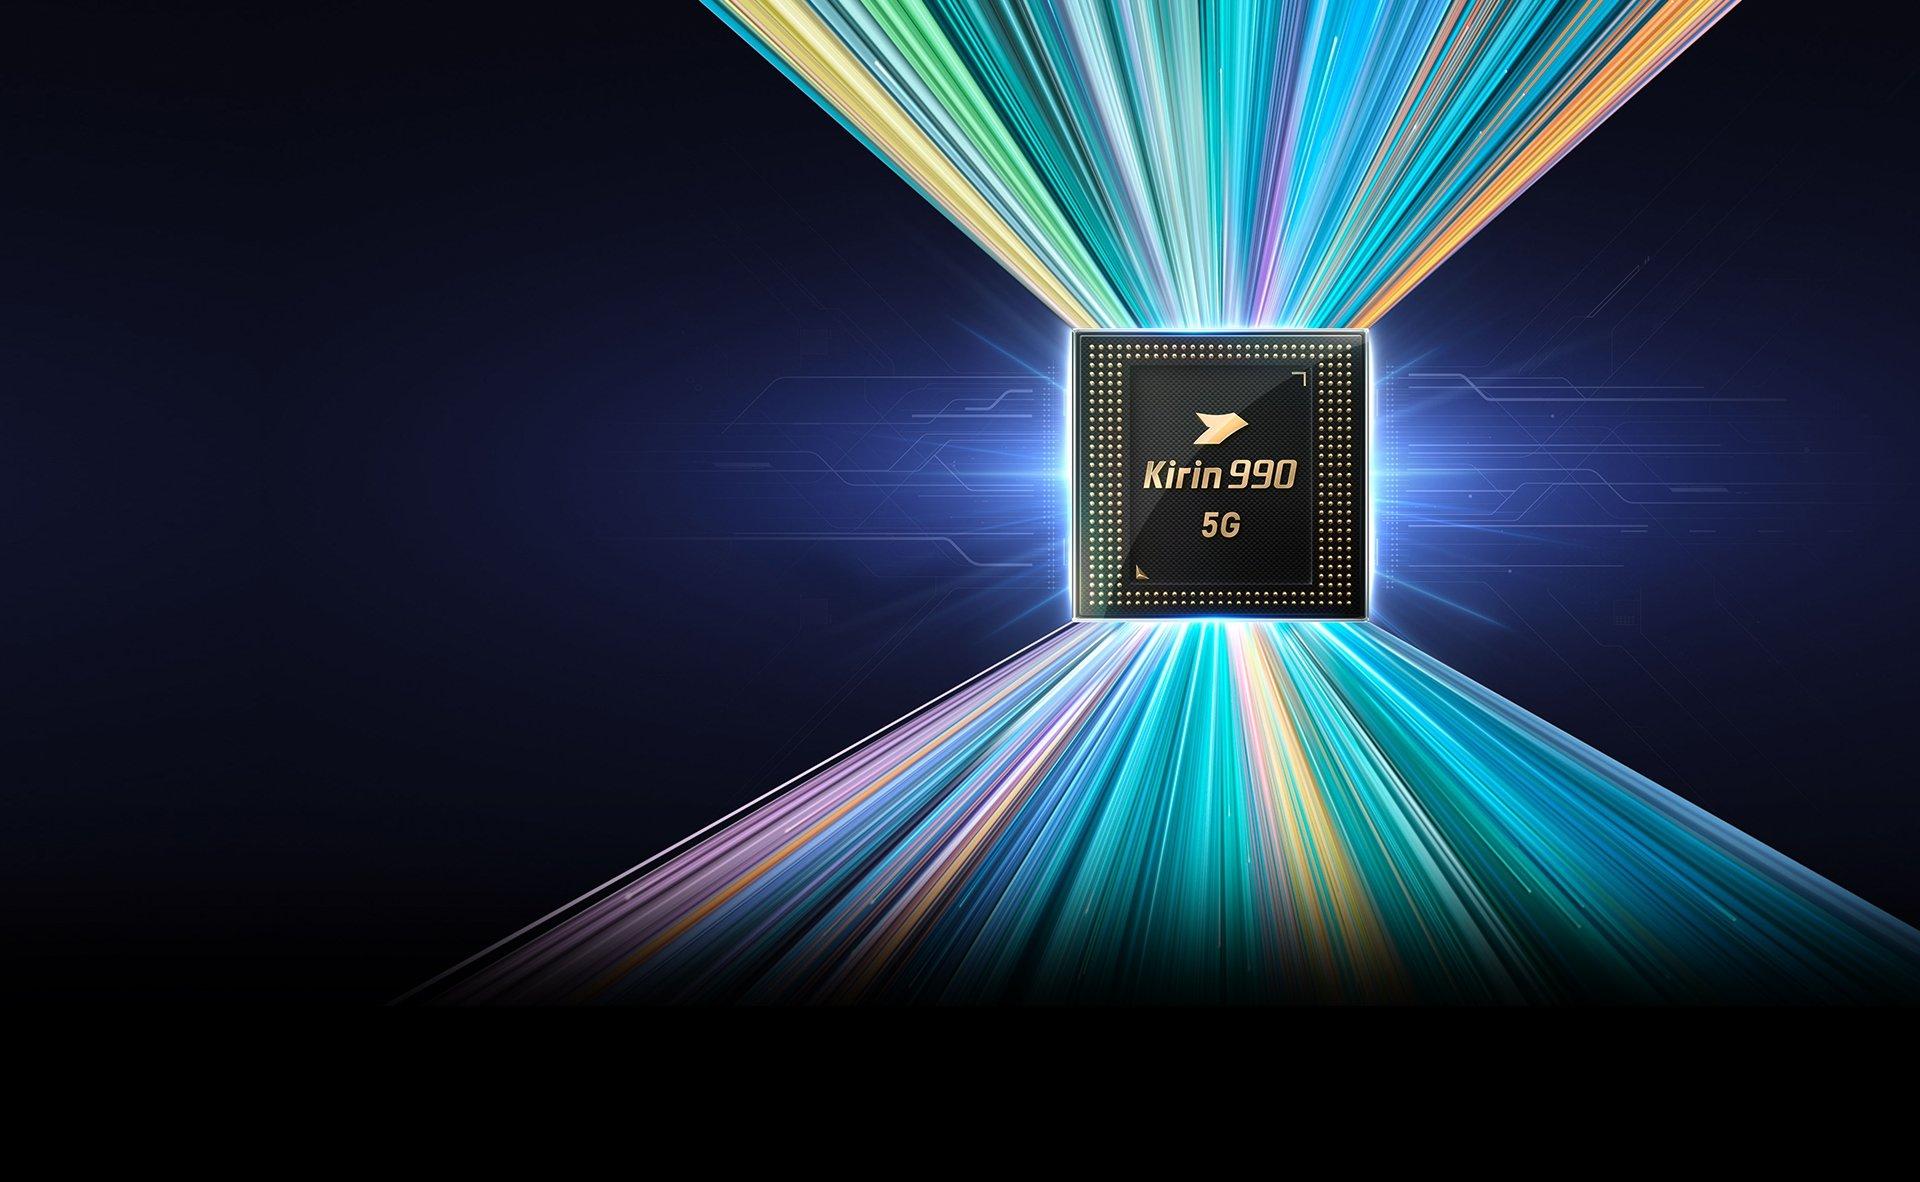 Huawei kirin processador